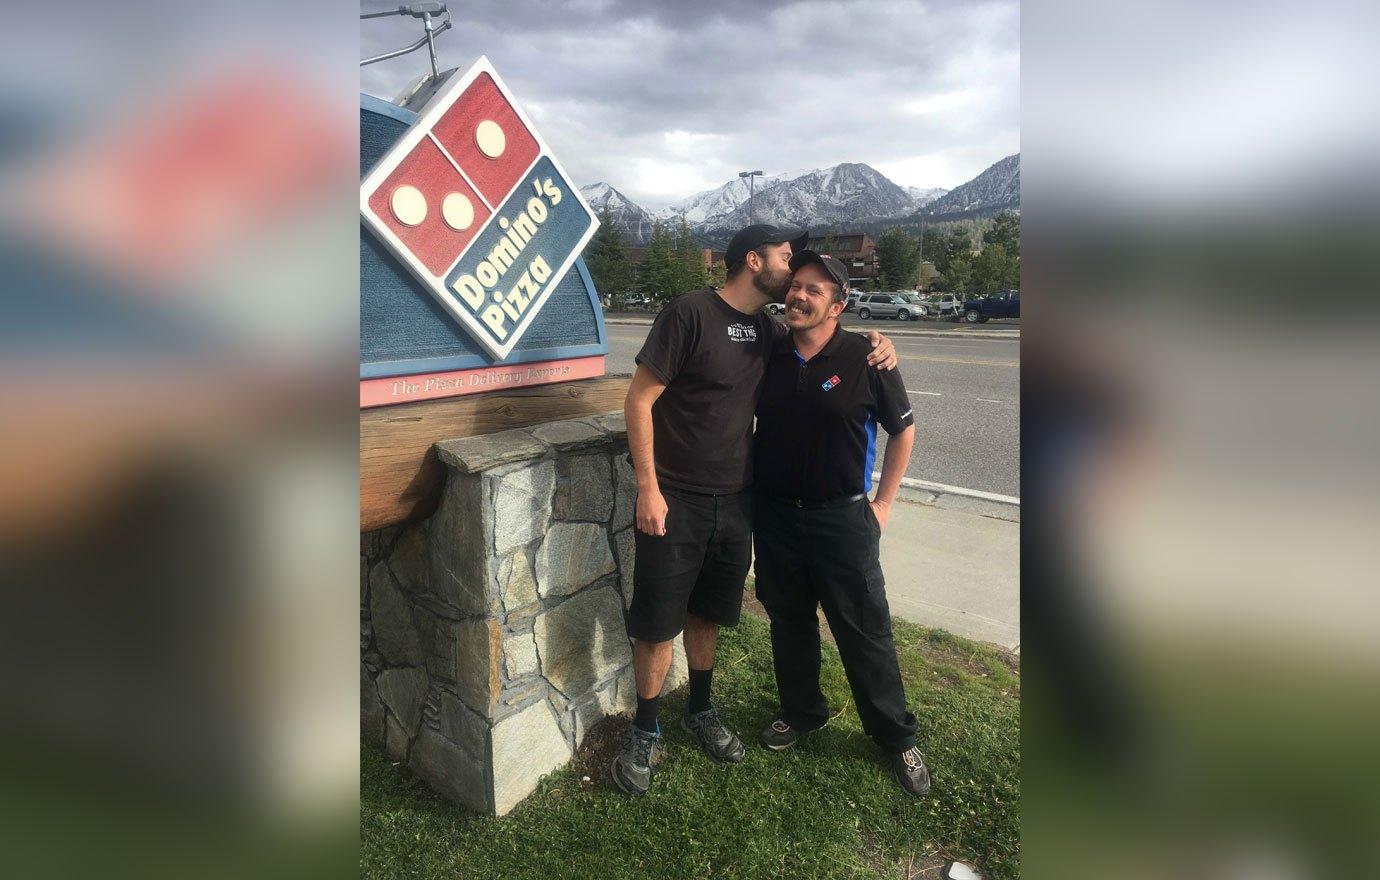 Thomas Dooley og eiginmaður hans Ronnie. Þeir reka Dominos pizzastað, og er myndin tekin nokkrum dögum fyrir handtökuna